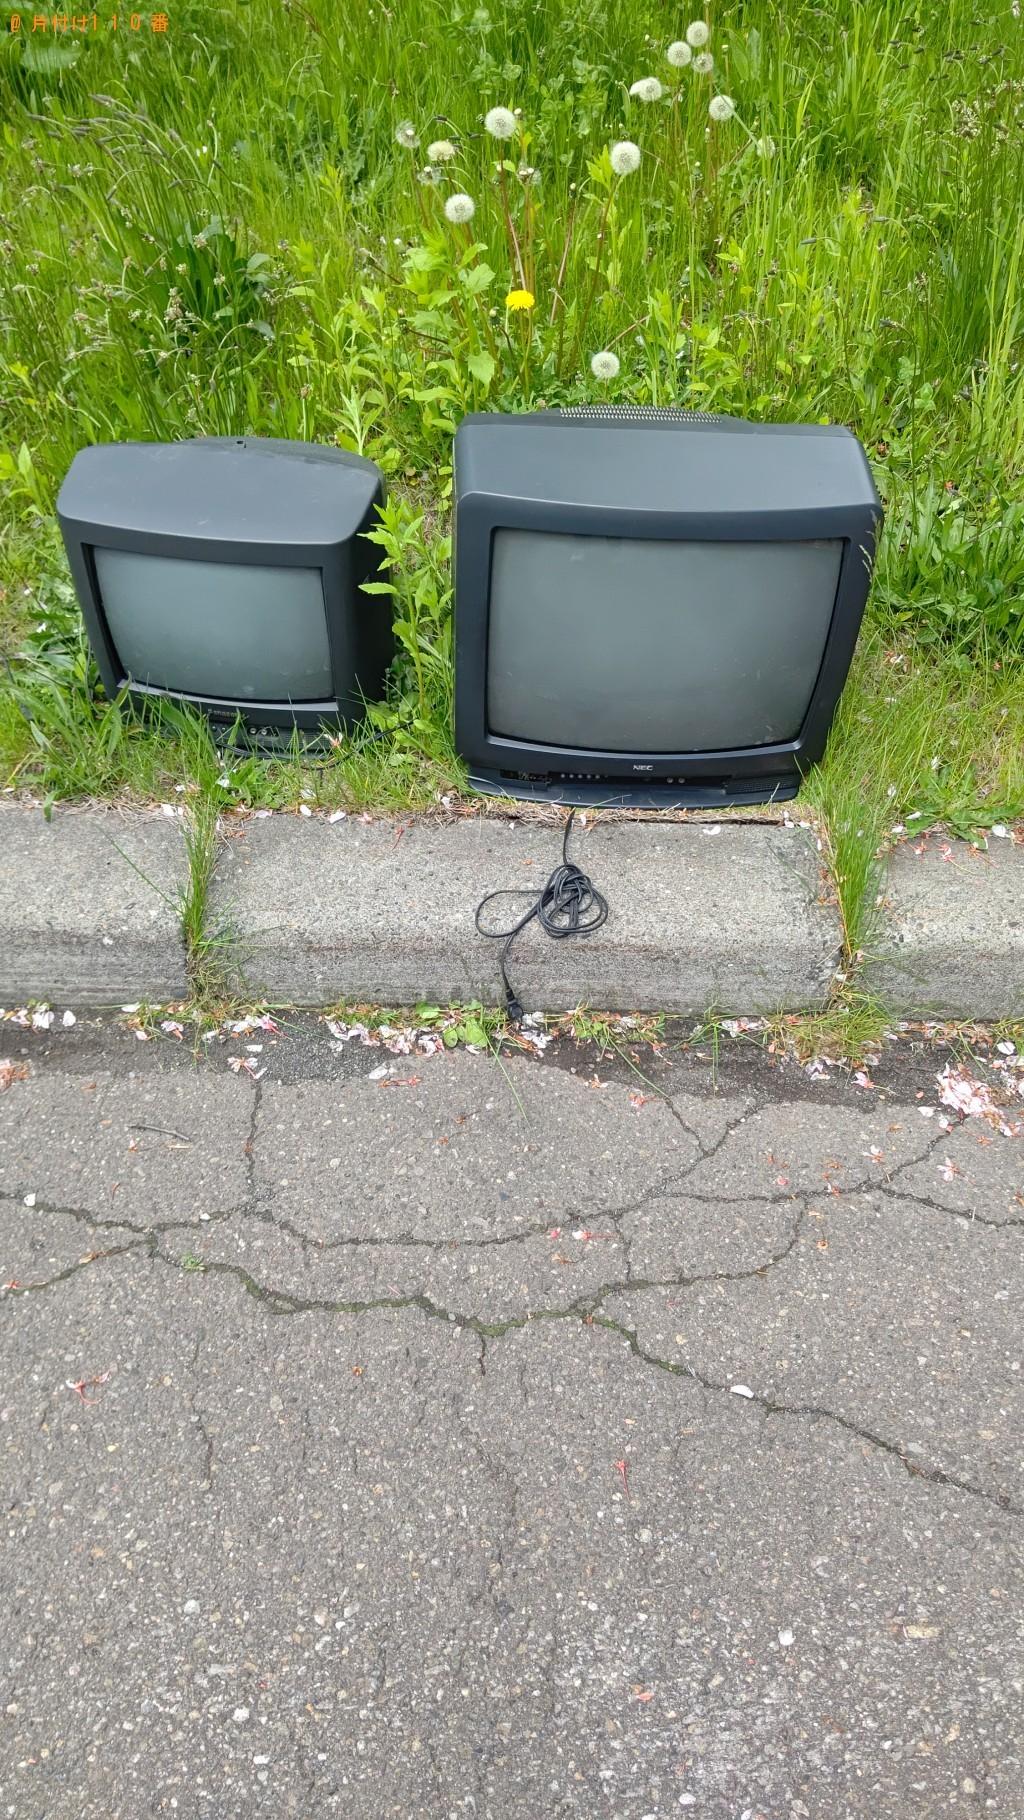 【北見市】遺品整理で冷蔵庫、ブラウン管テレビ、洗濯機の回収・処分